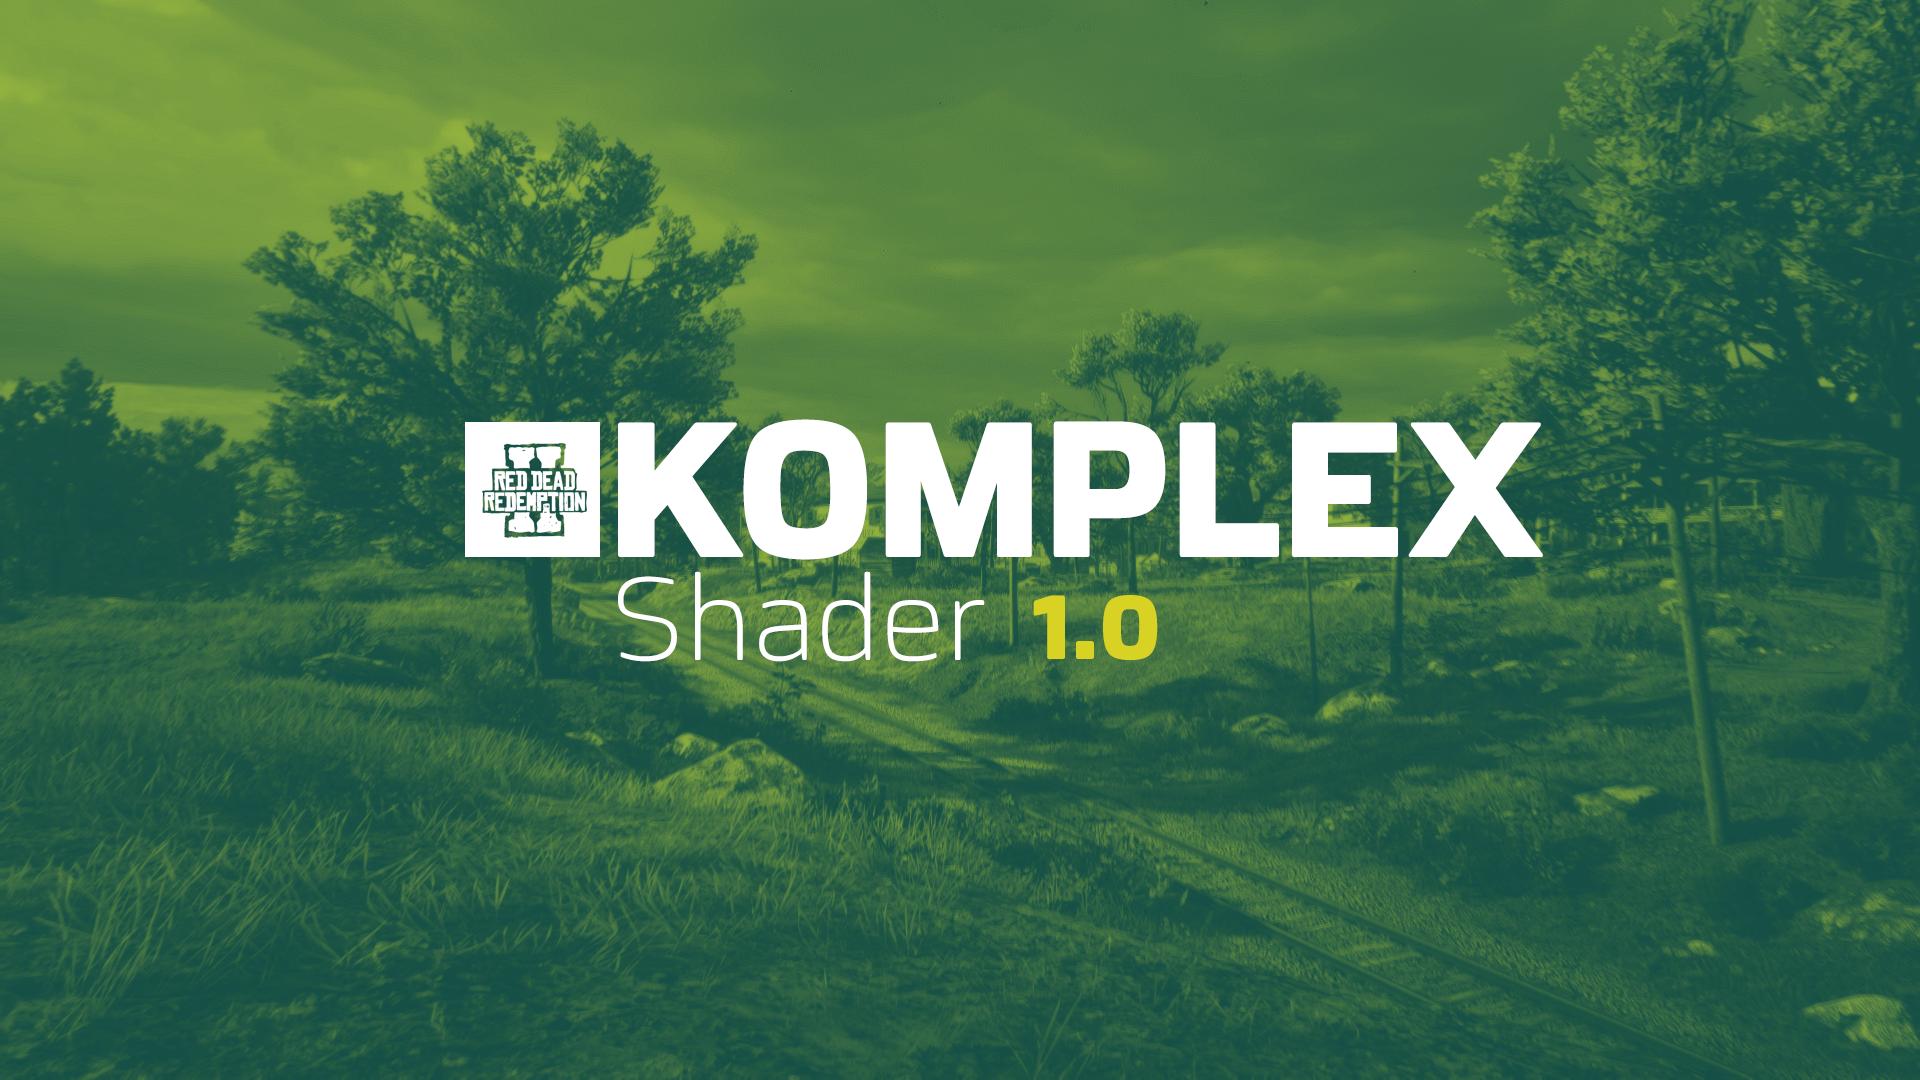 画面增强KOMPLEX Shader